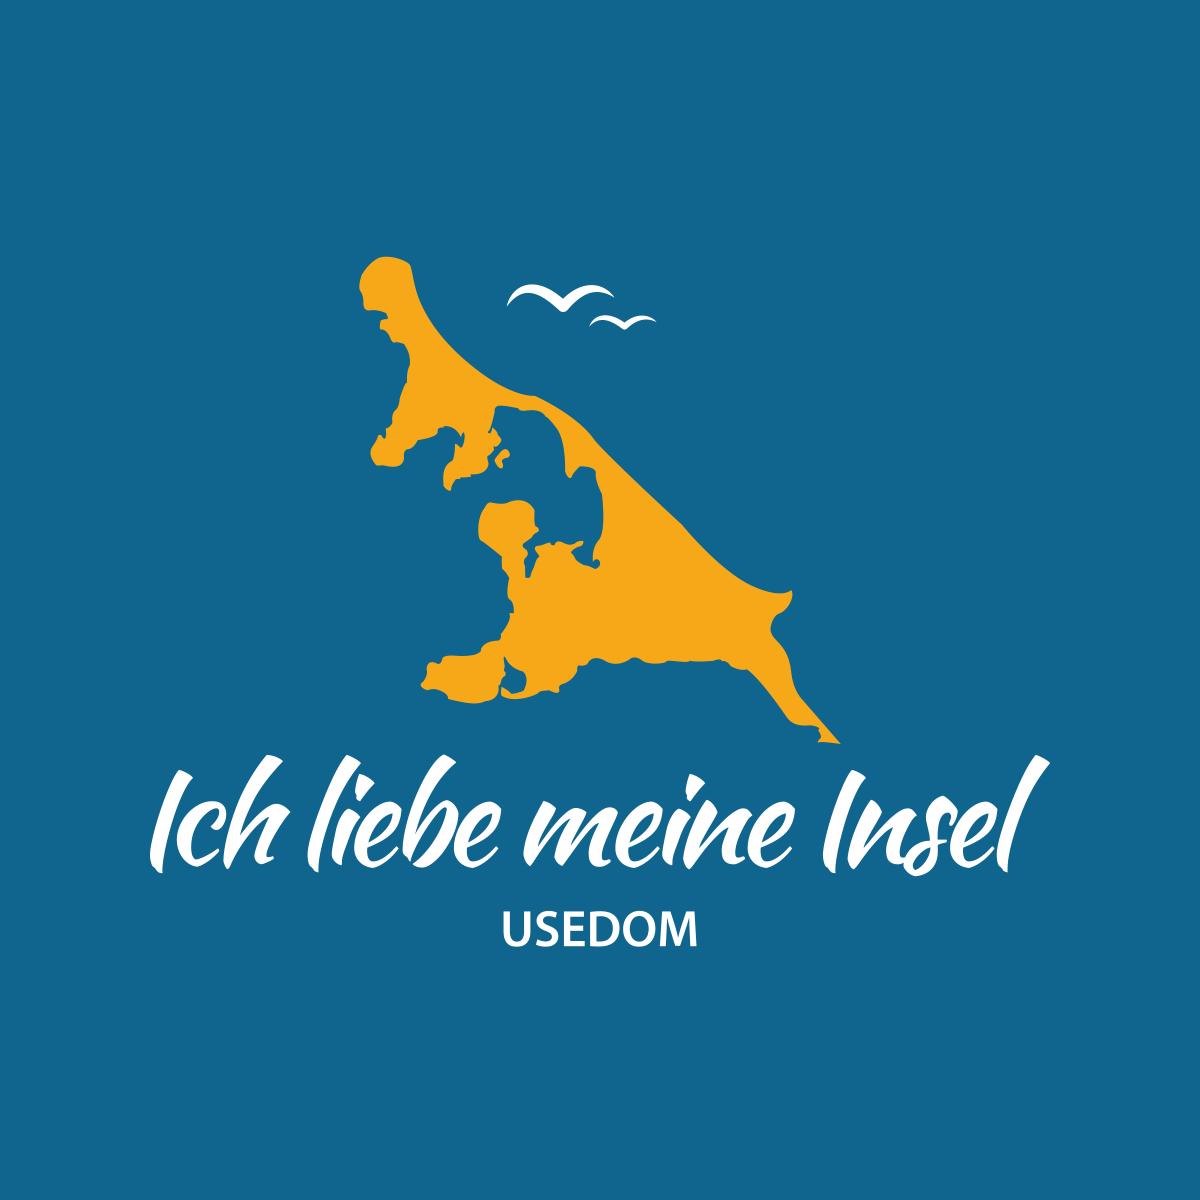 Ich liebe meine Insel Usedom - TYP01B